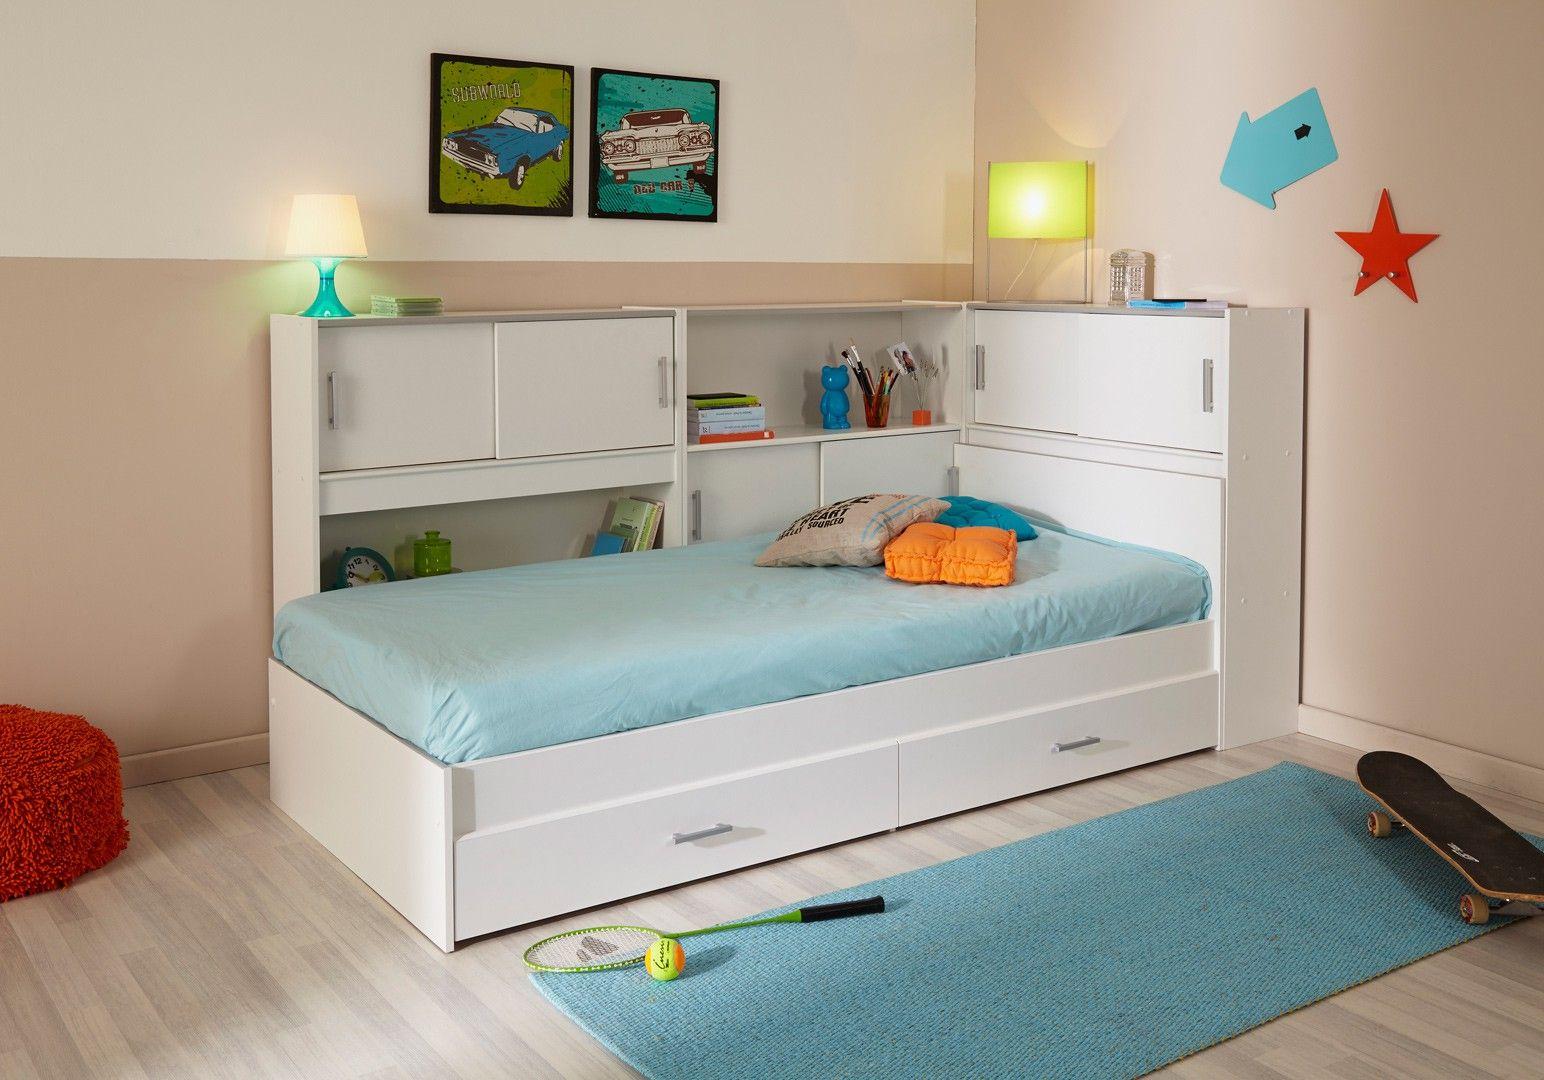 Lit Enfant Contemporain Avec Environnement Blanc Martial 90 X 200 Cm Lit Enfant Chambre Enfant Chambre Lit Enfant Meuble Rangement Lit Enfant Ikea